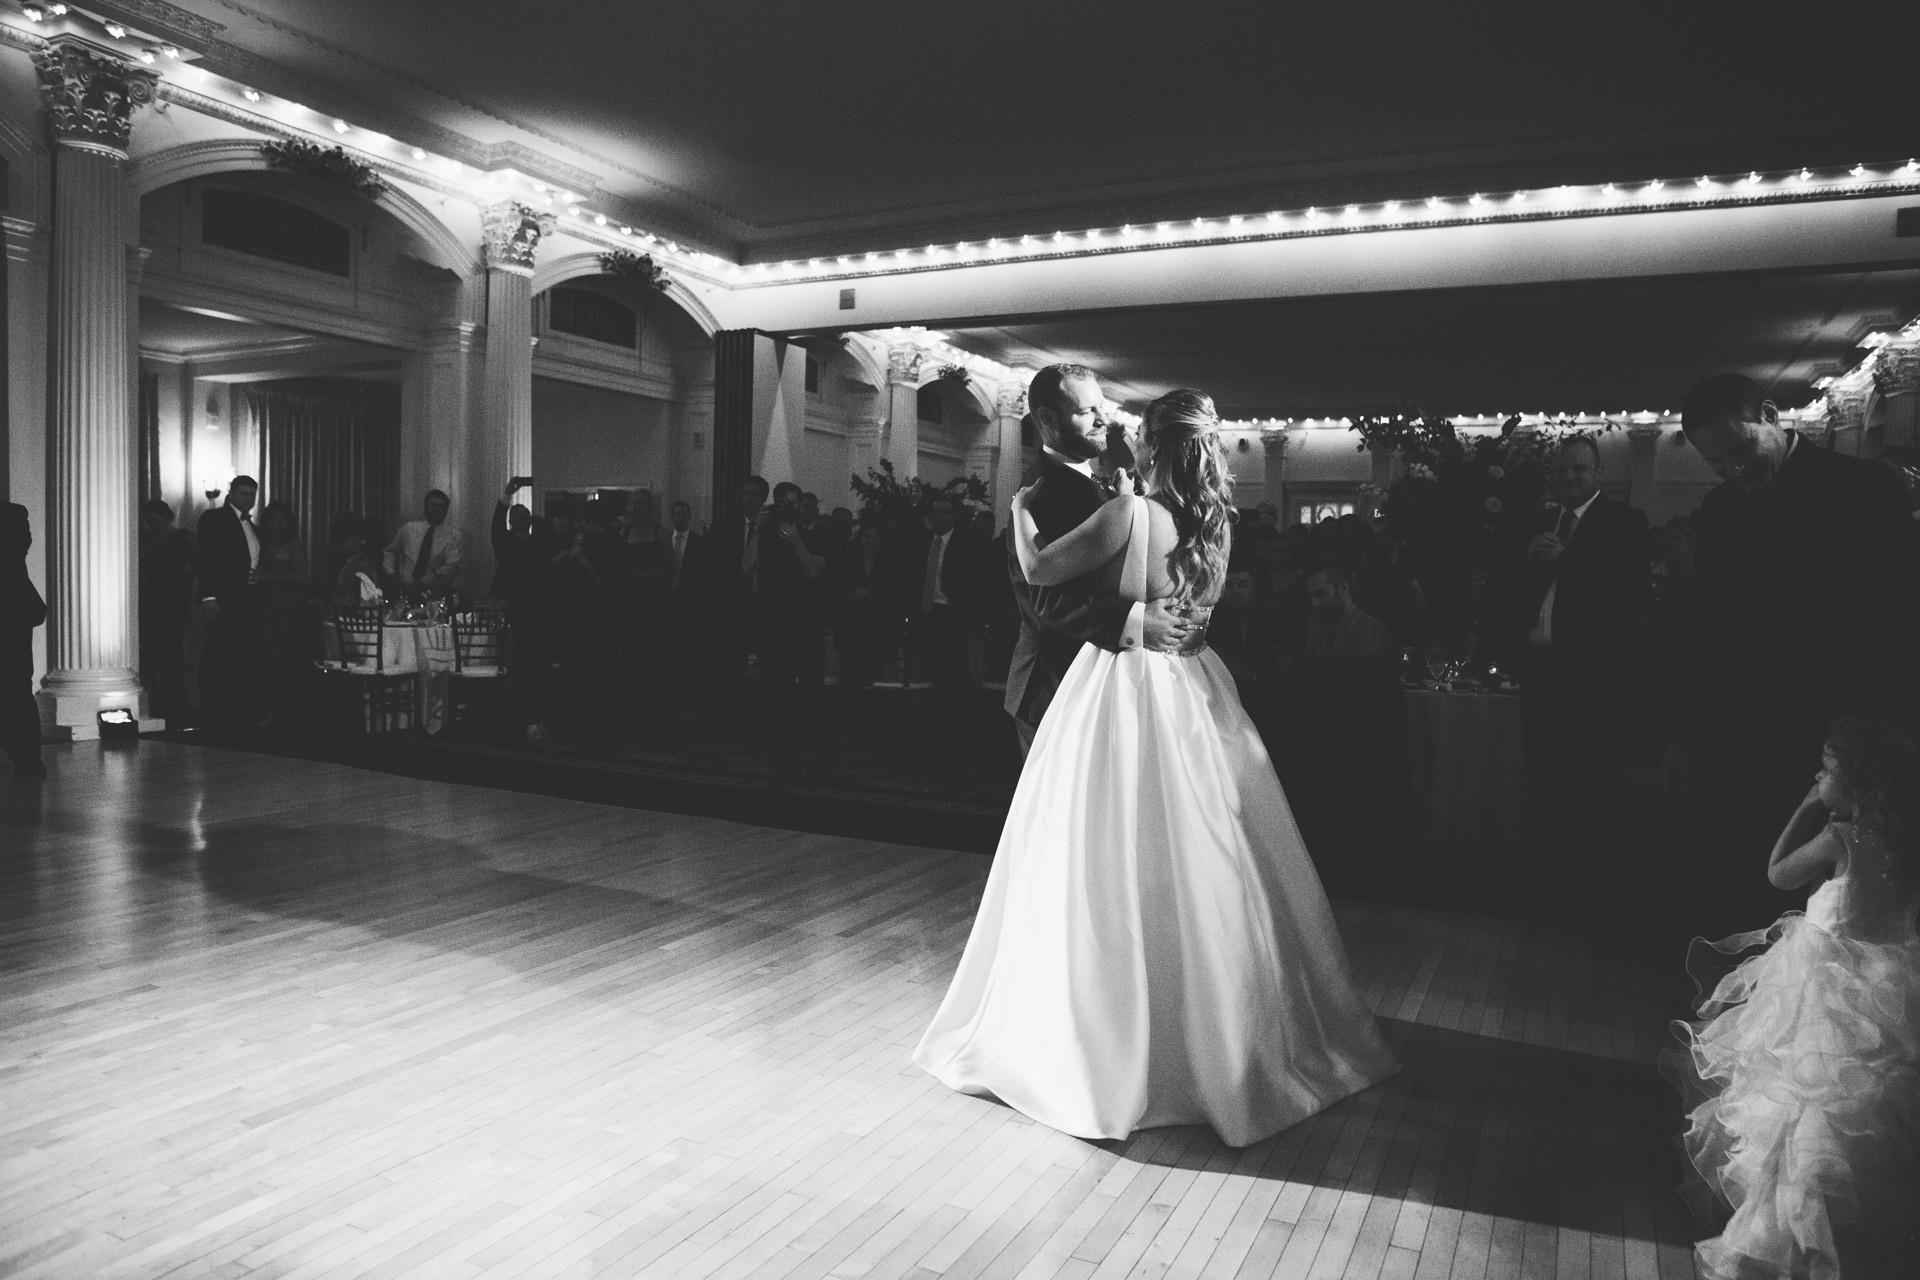 mount-washington-hotel-wedding-photographer-045